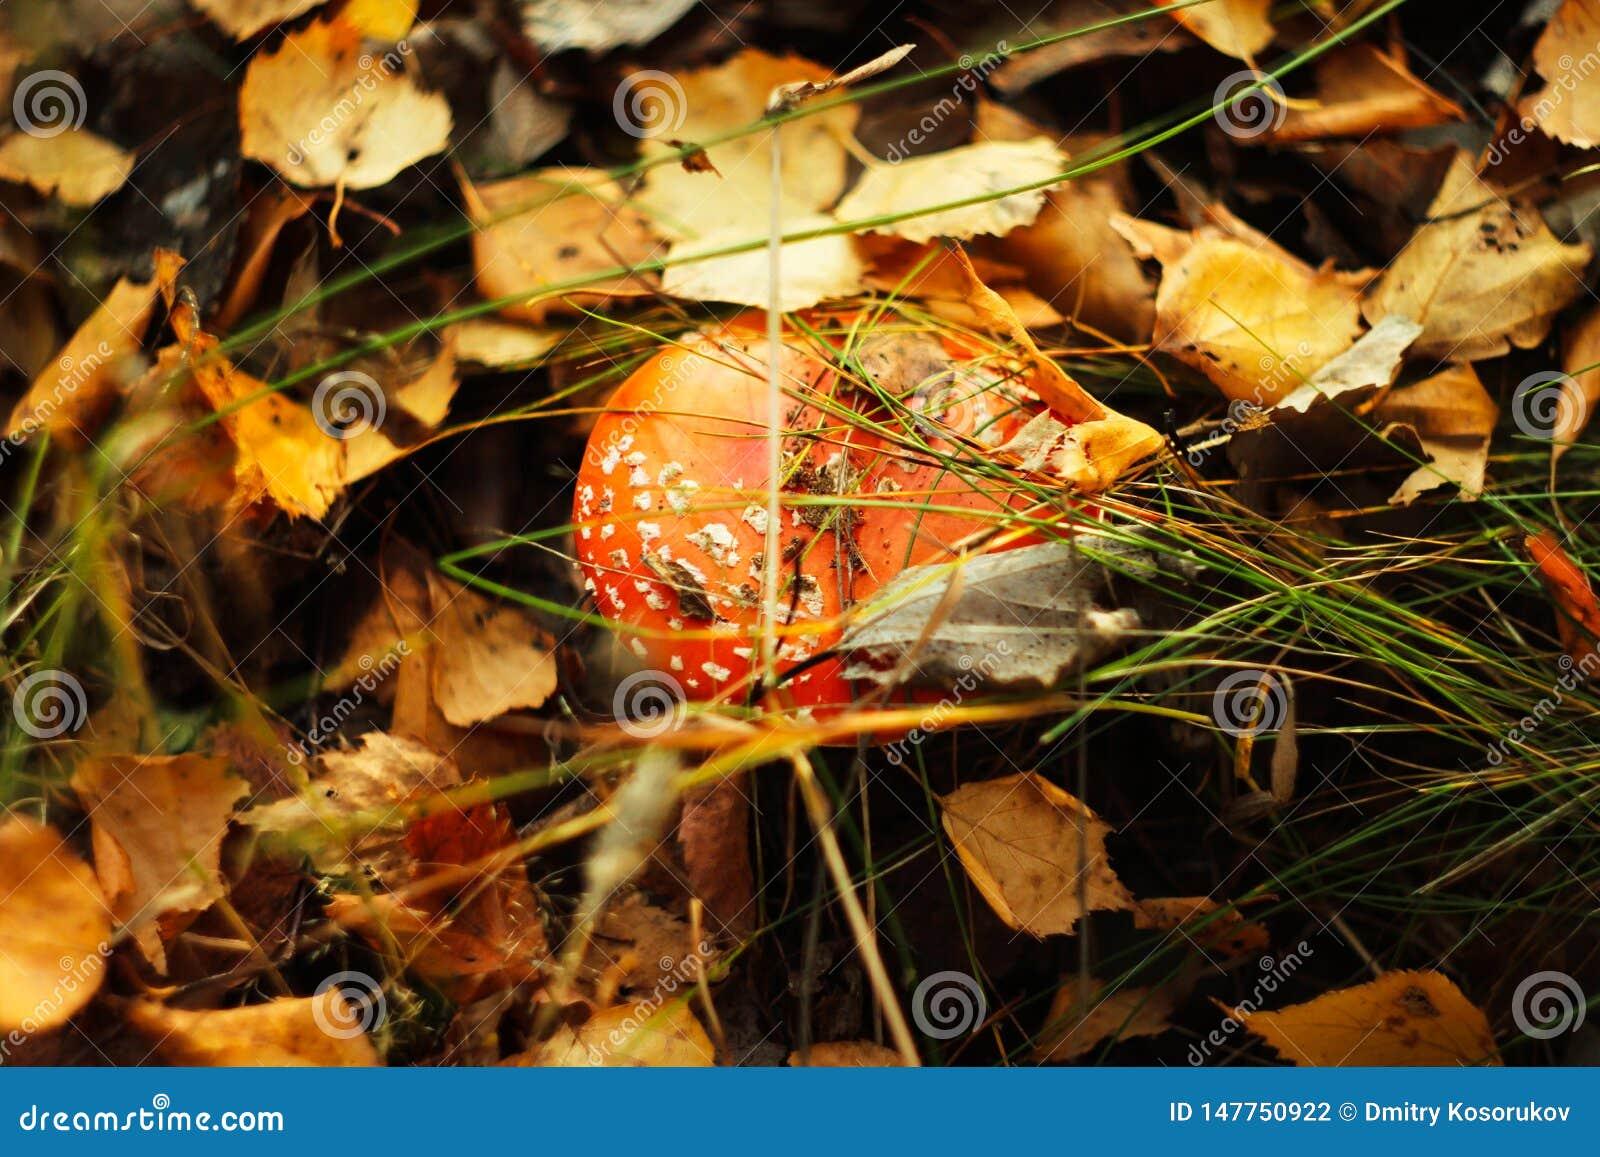 Αγαρικό μυγών μανιταριών στο δάσος φθινοπώρου